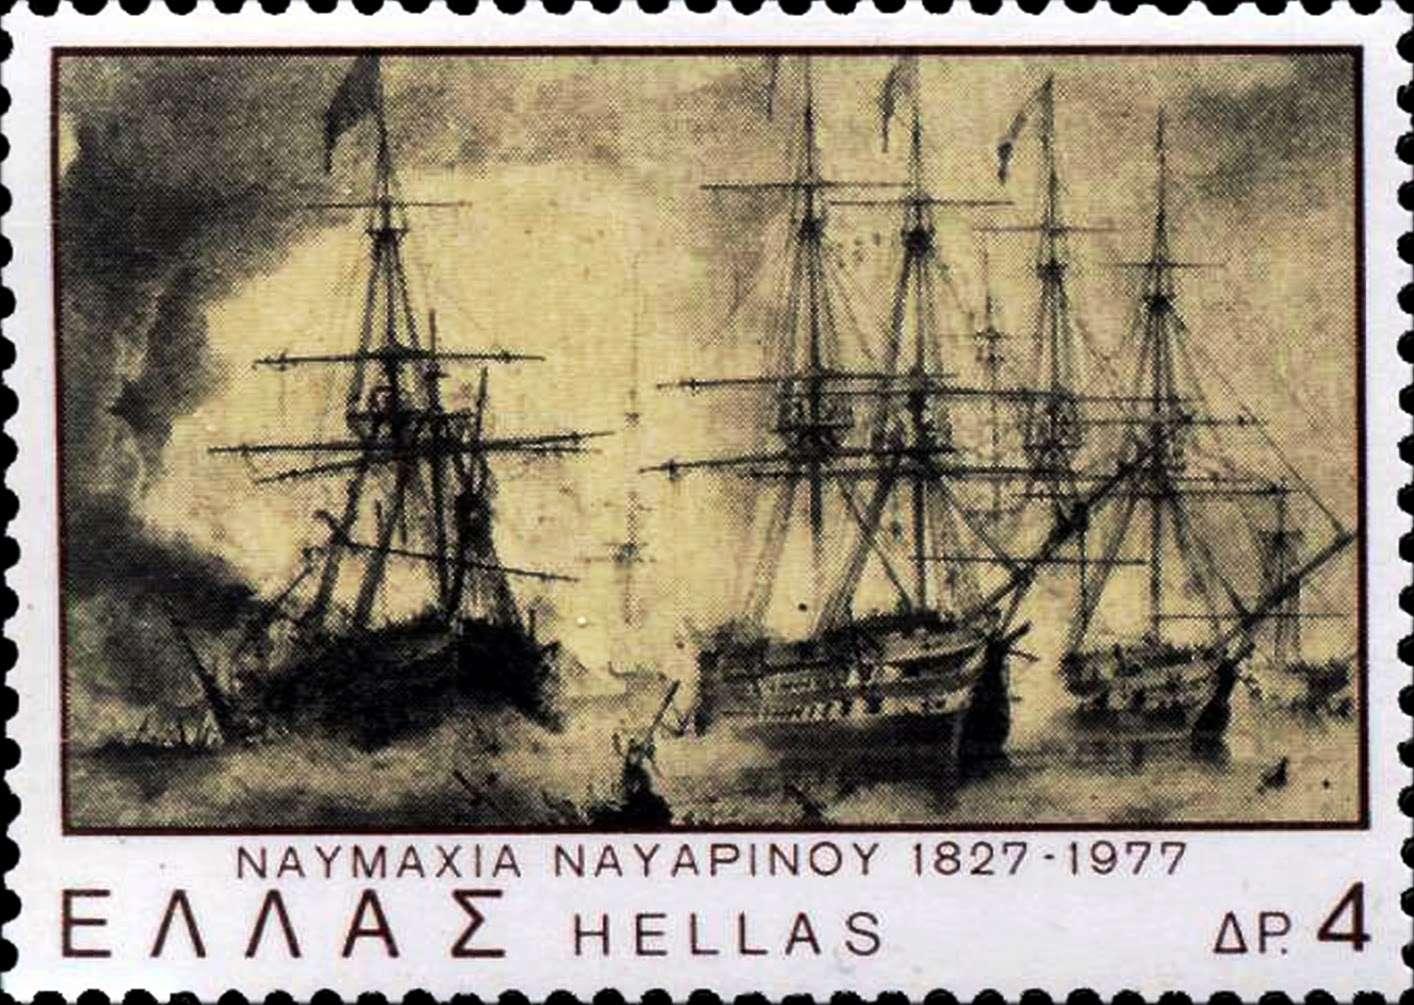 Η Ναυμαχία του Ναυαρίνου σήμανε την ελευθερία της Ελλάδας, παρά τη συνεχιζόμενη σφοδρή άρνηση του Σουλτάνου. Ελληνικό γραμματόσημο